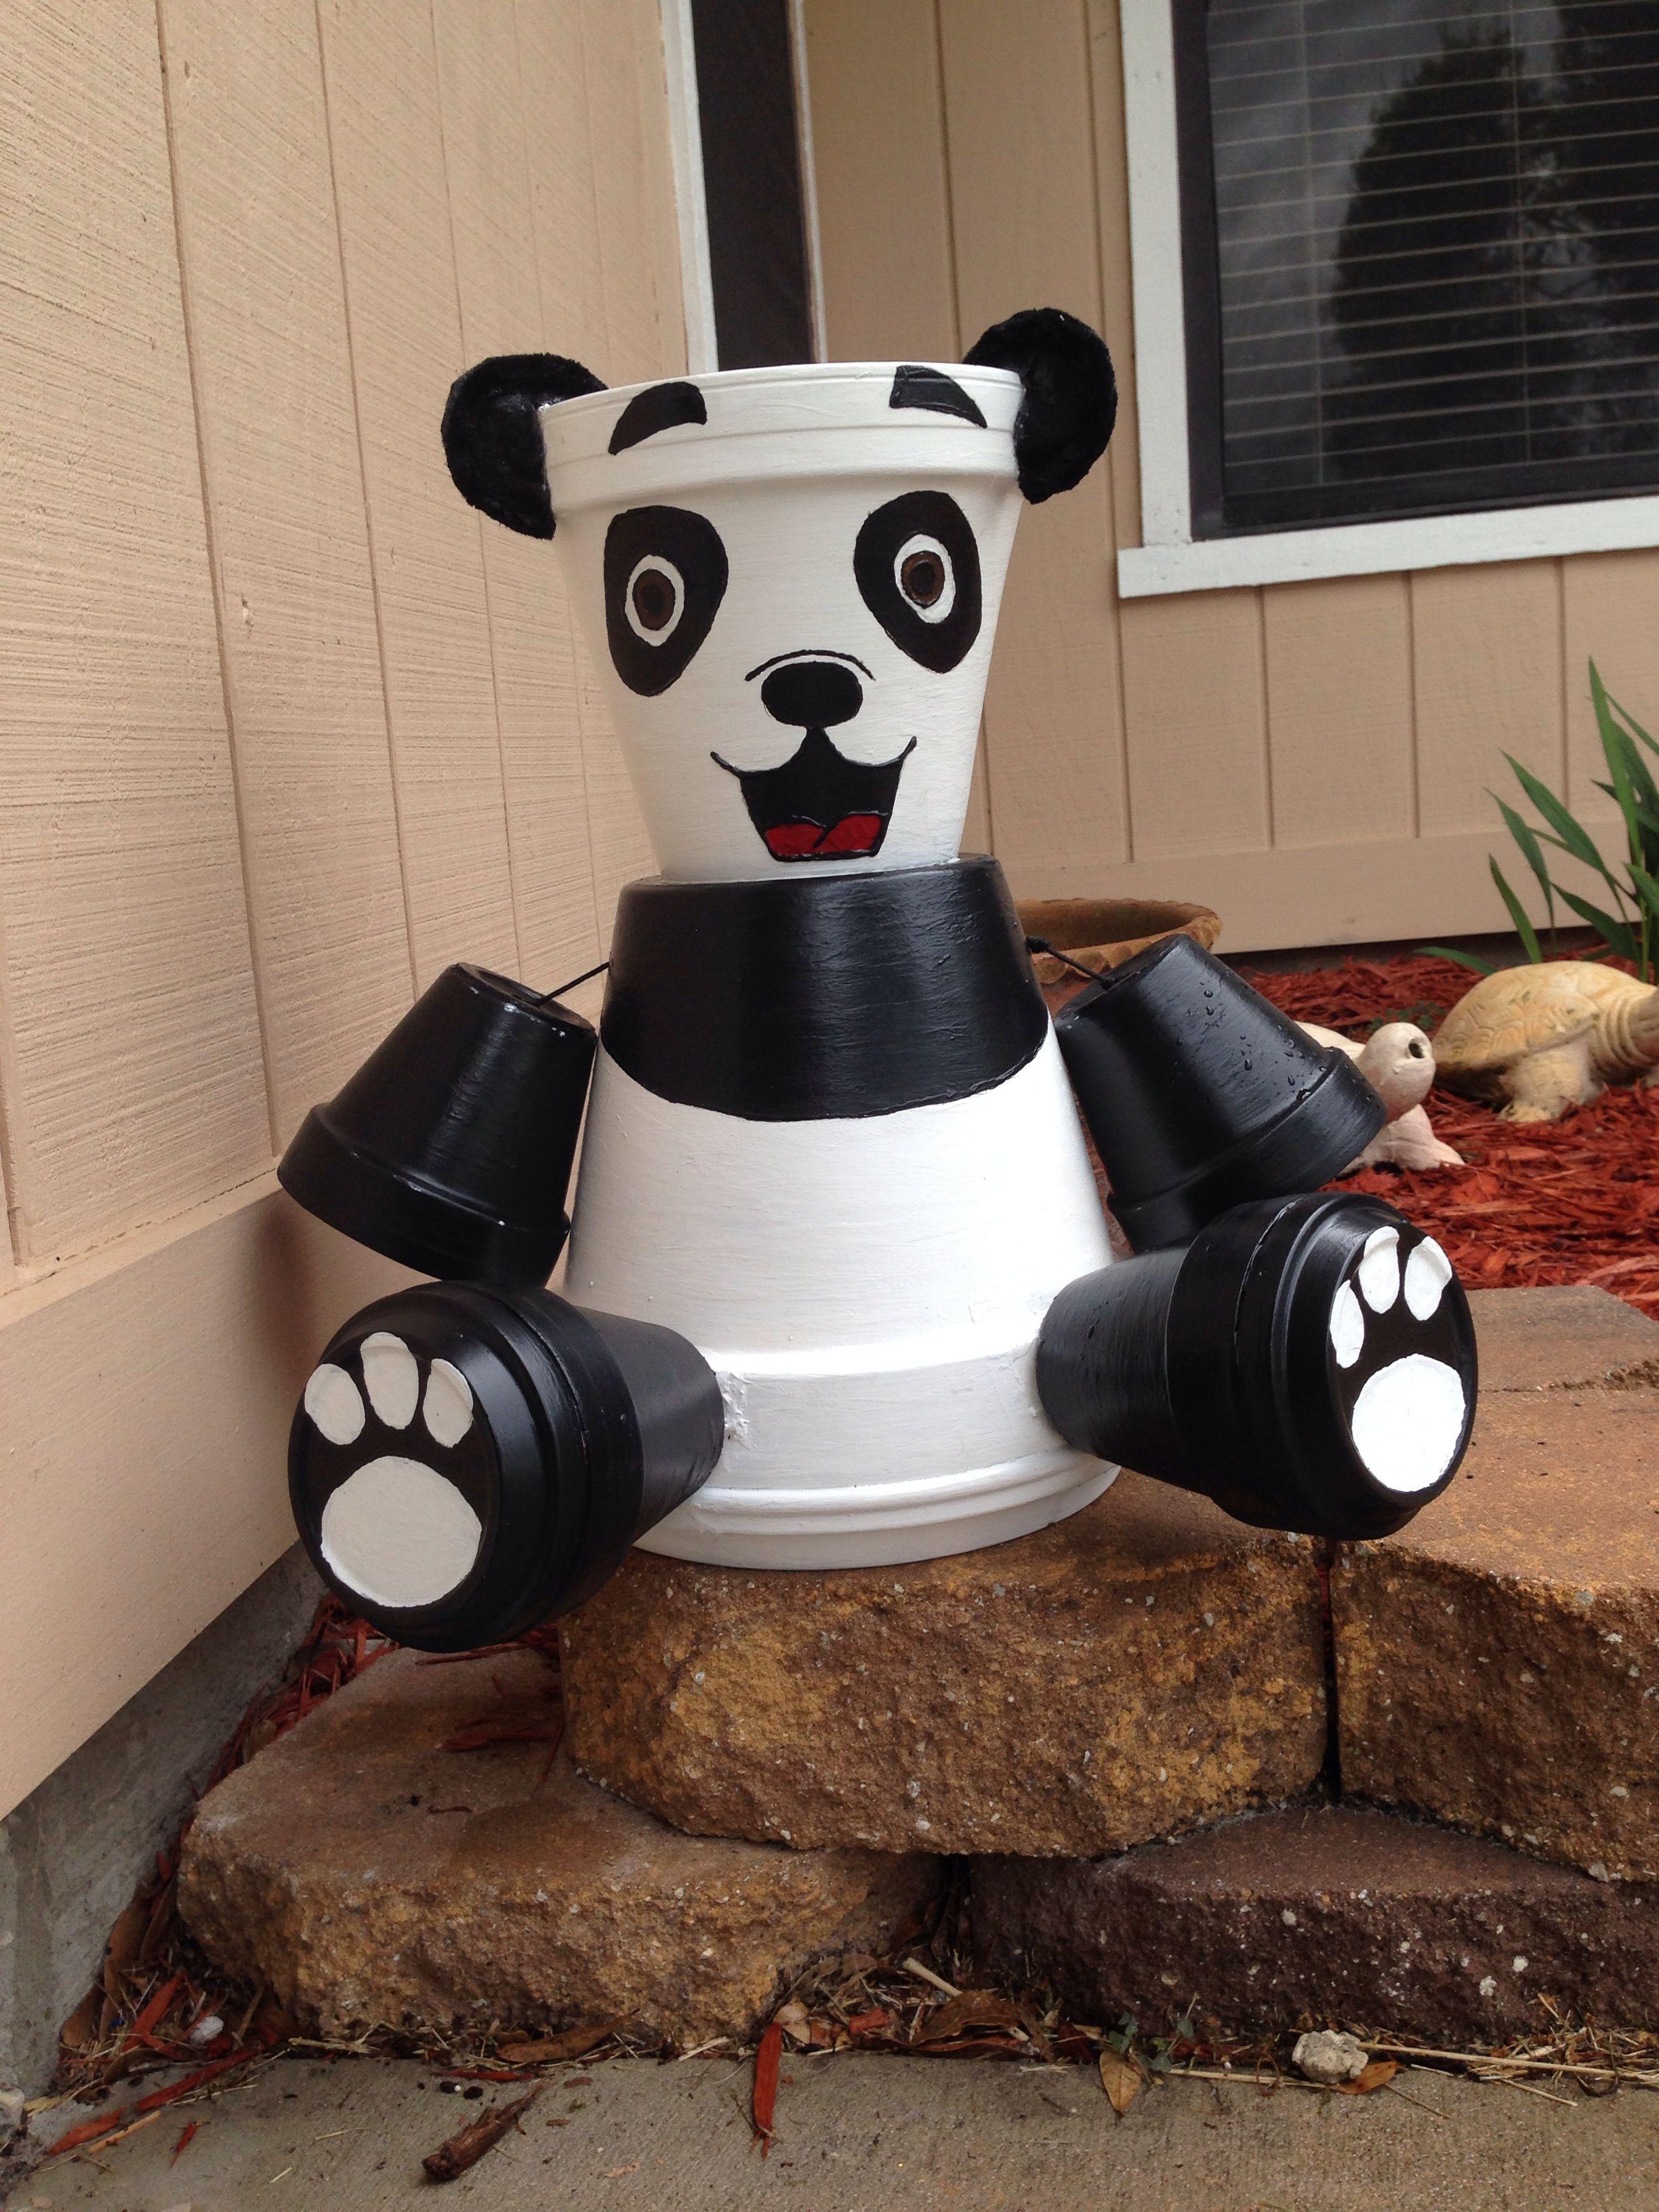 terra cotta pot crafts panda bear terra cotta pots. Black Bedroom Furniture Sets. Home Design Ideas